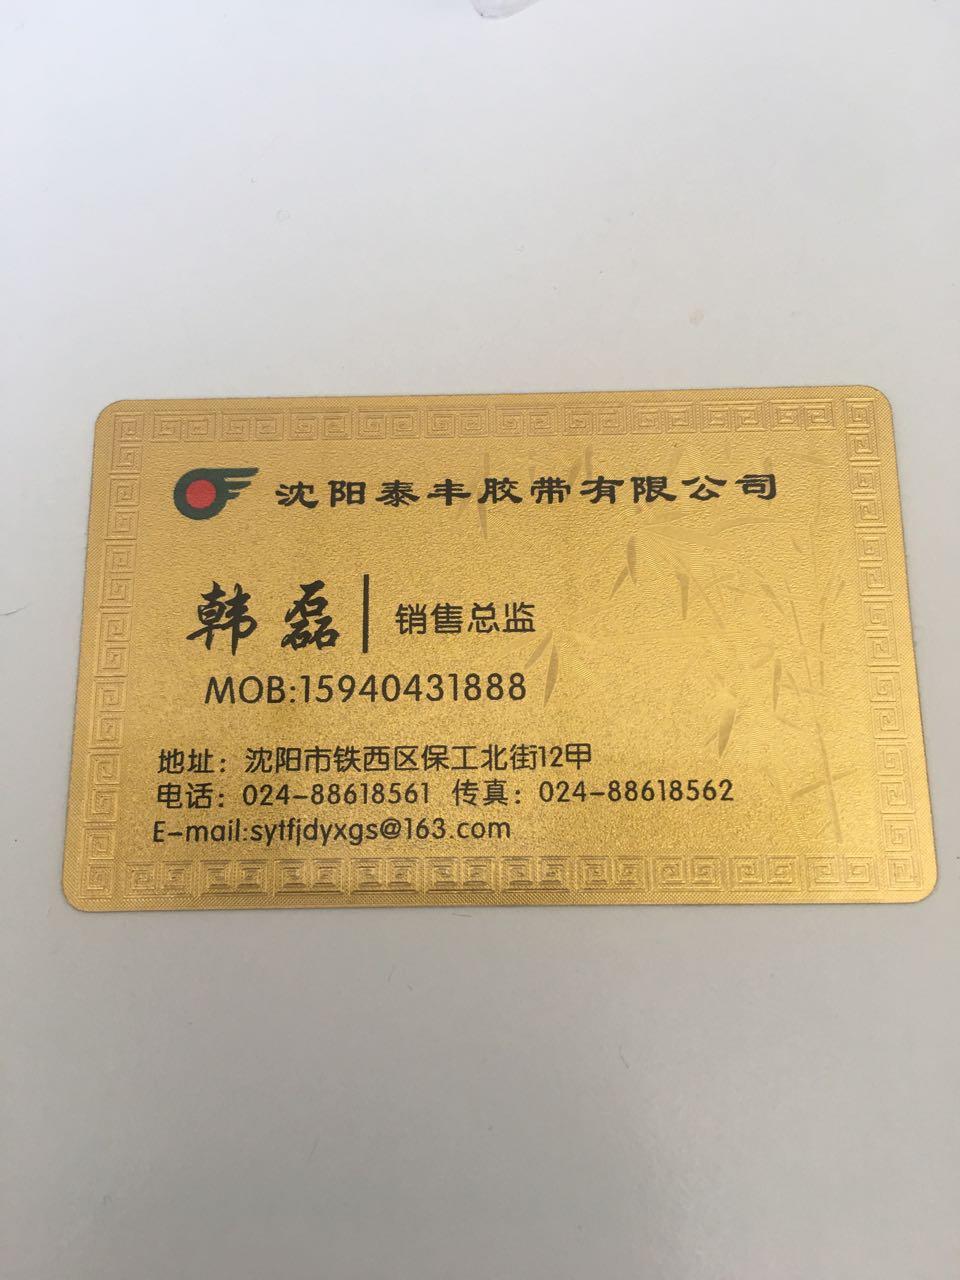 来自韩*发布的公司动态信息:橡胶制品... - 沈阳泰丰胶带有限公司